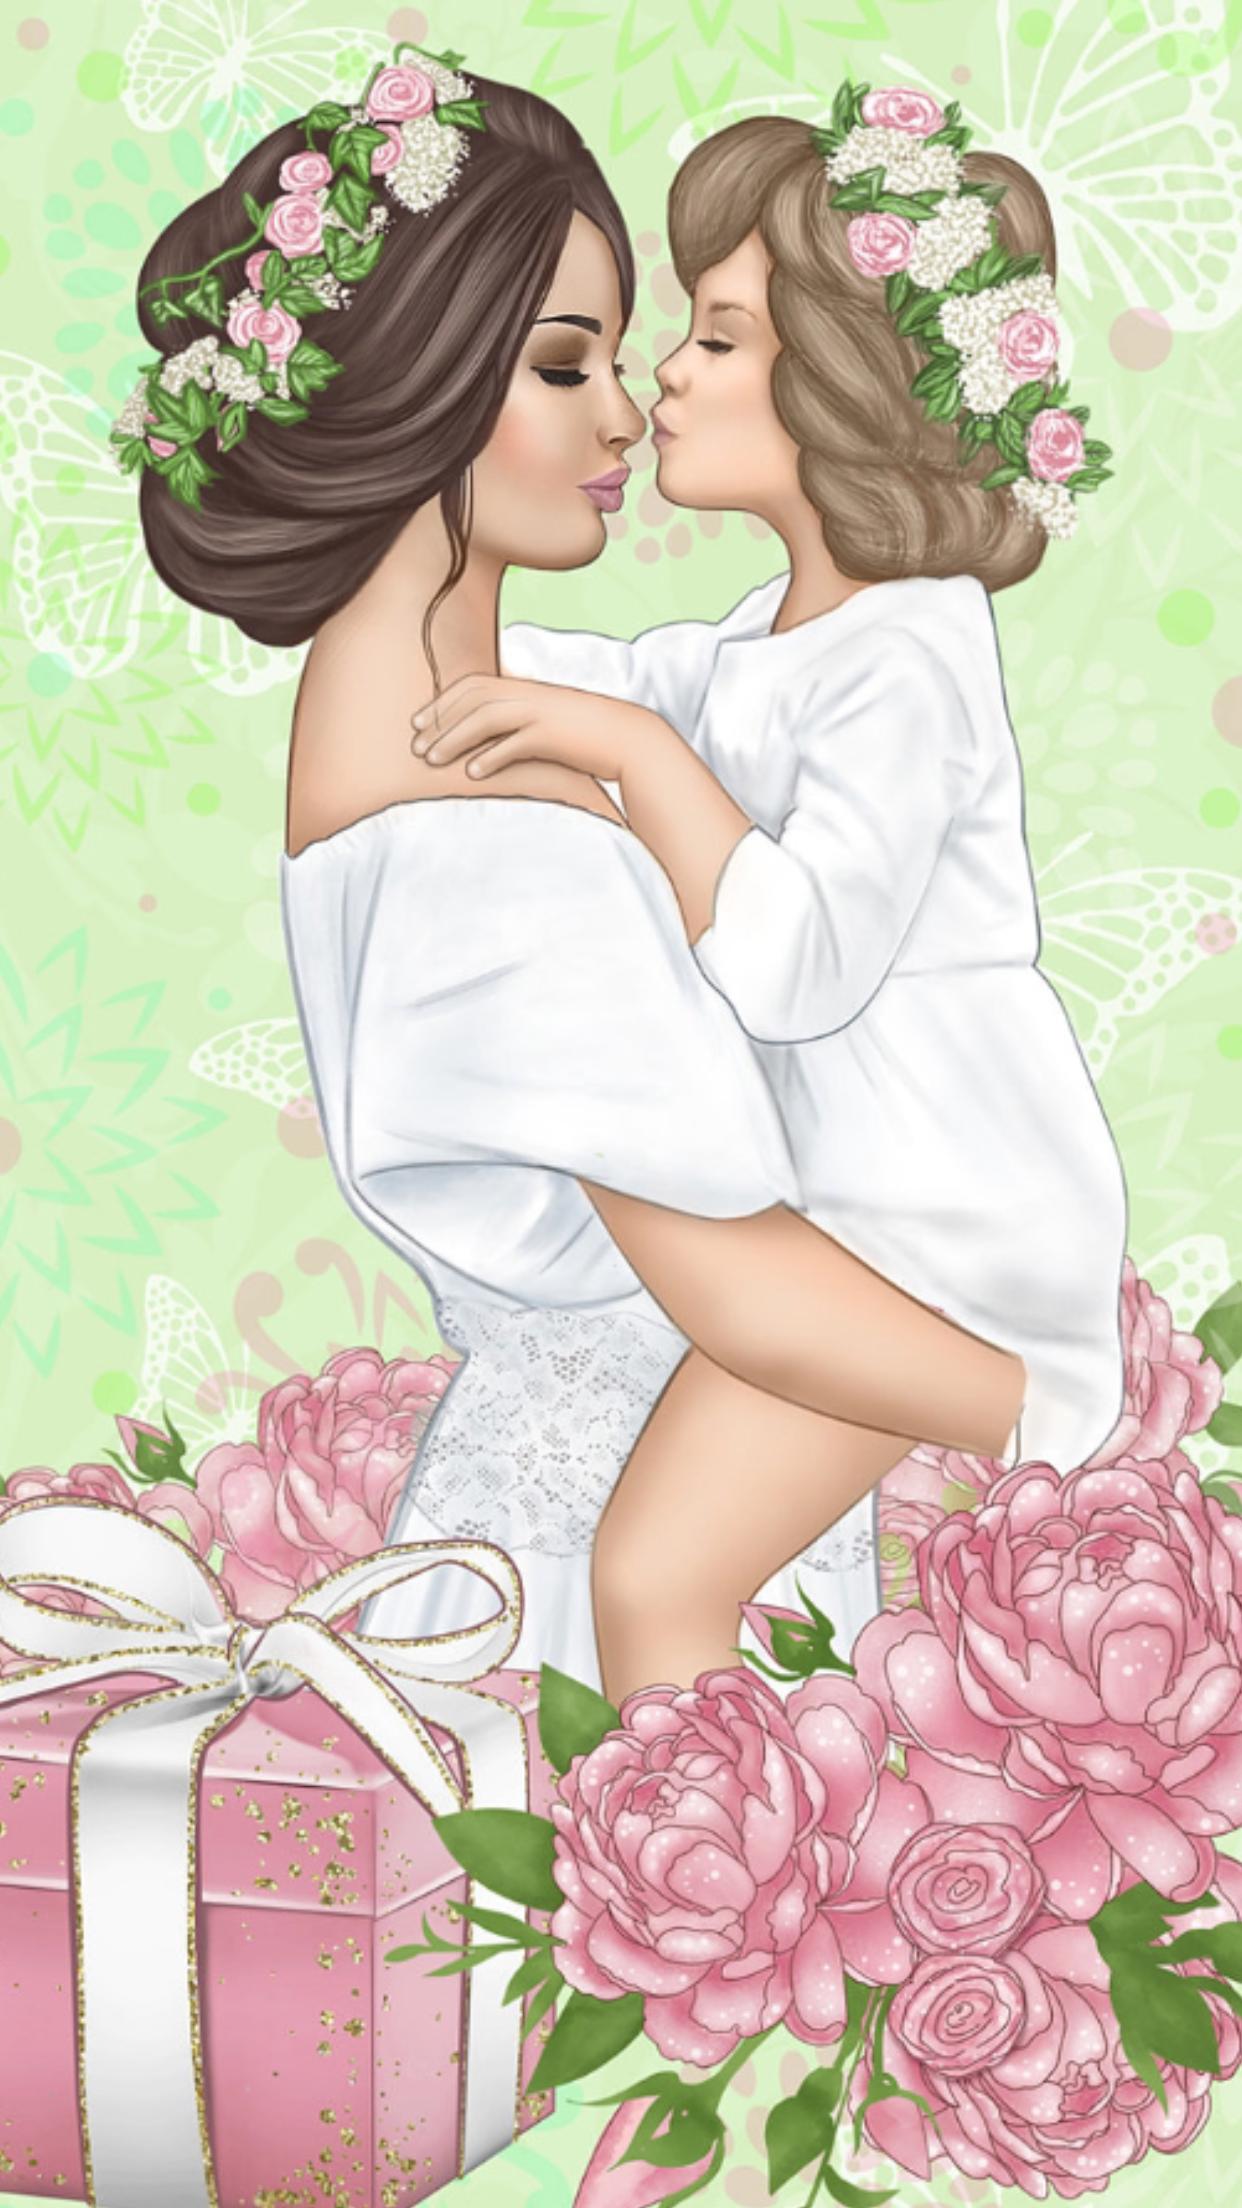 Мама и дочка картинка арт